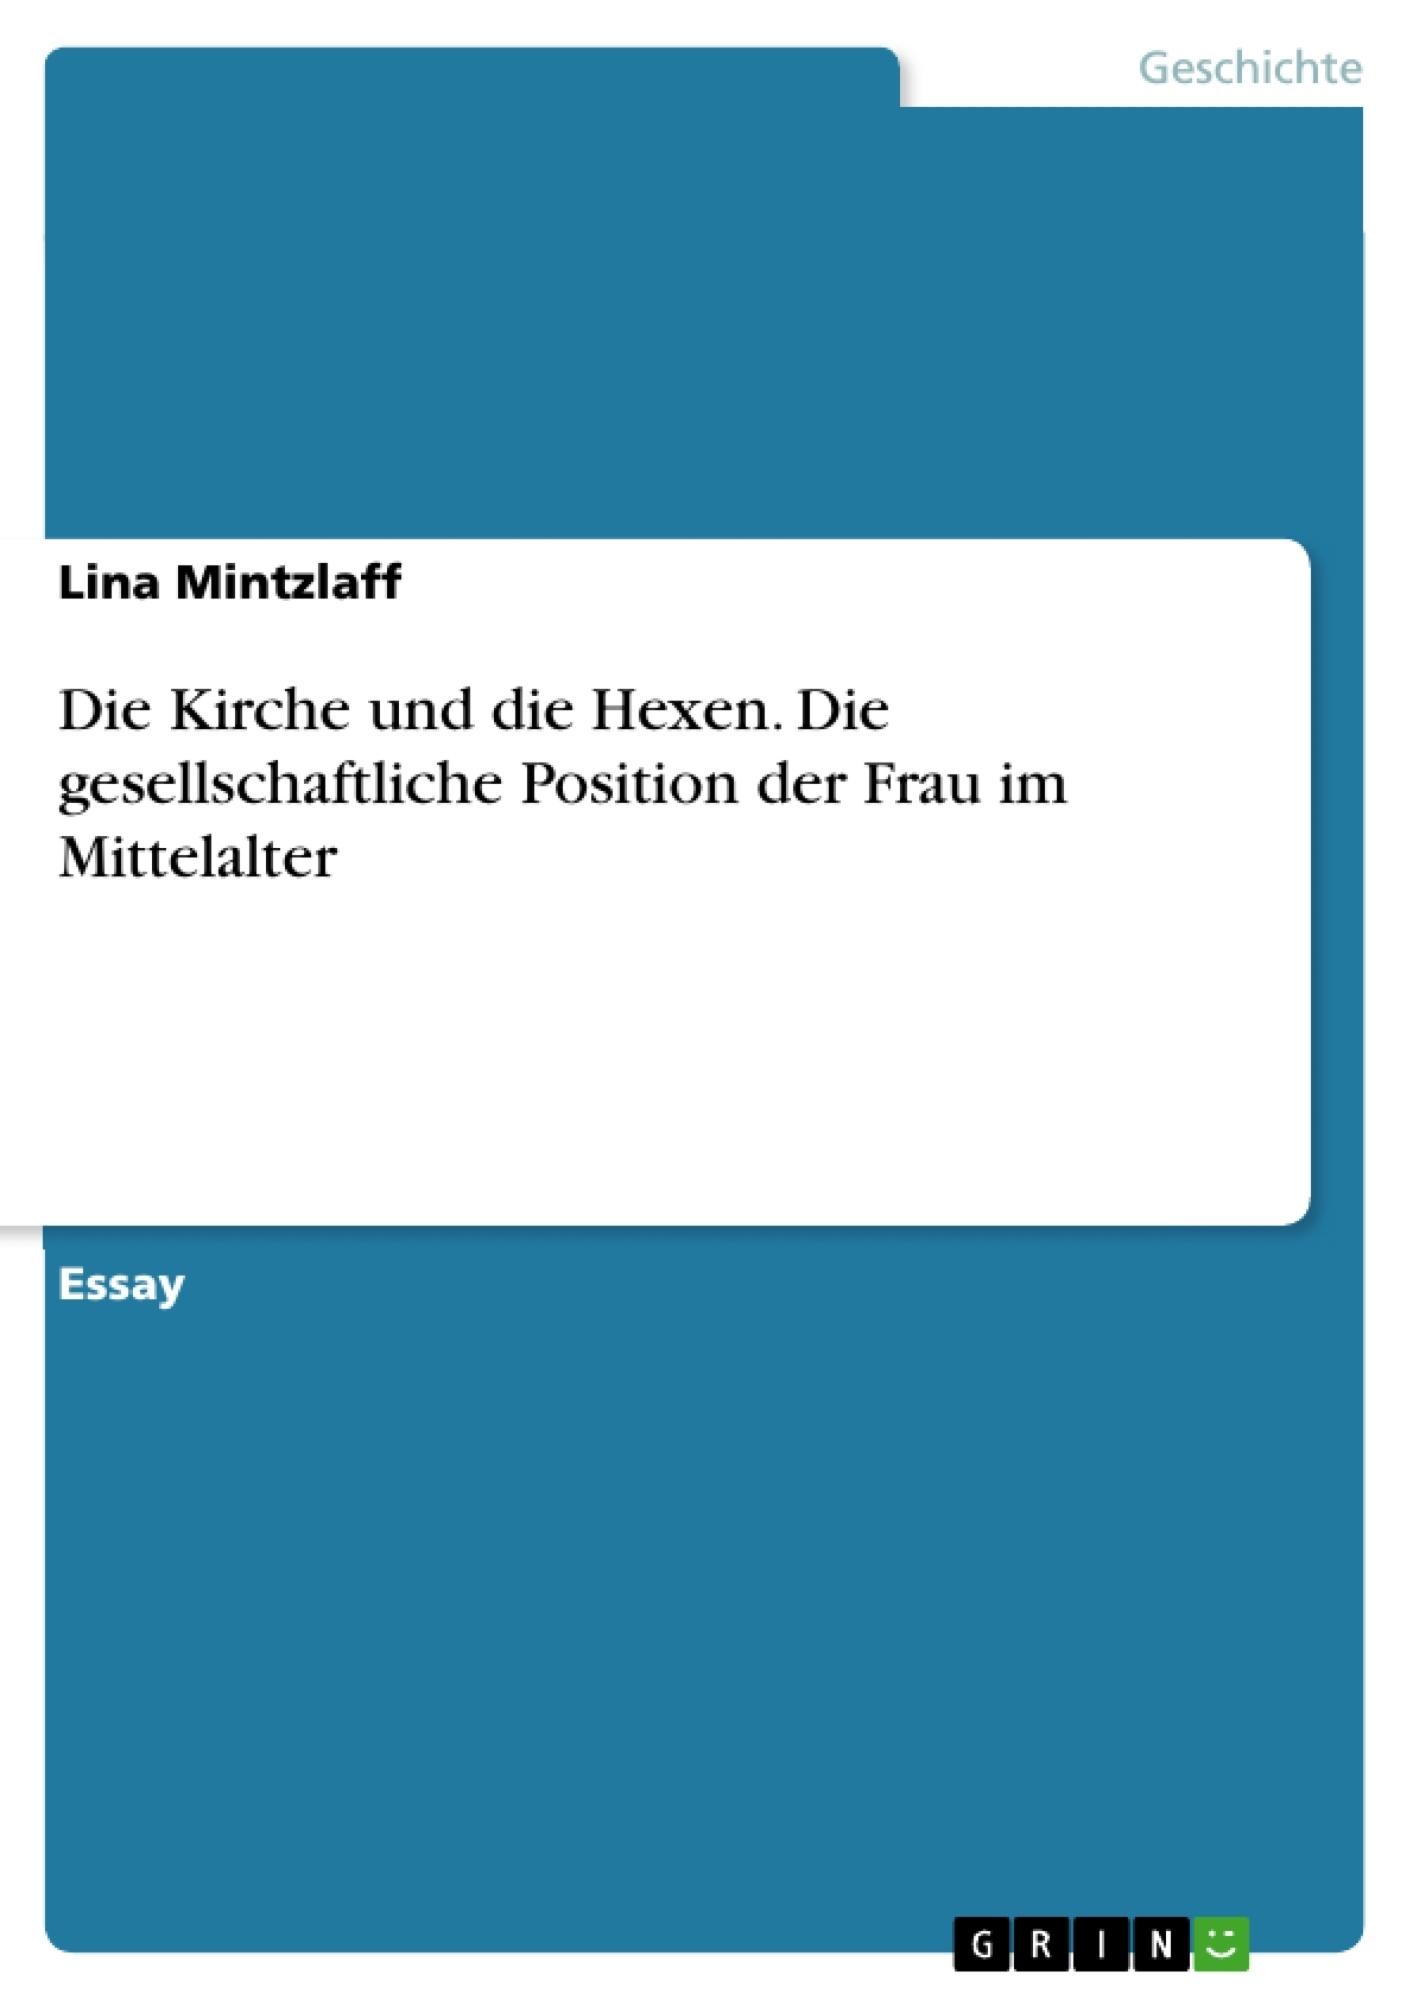 Titel: Die Kirche und die Hexen. Die gesellschaftliche Position der Frau im Mittelalter